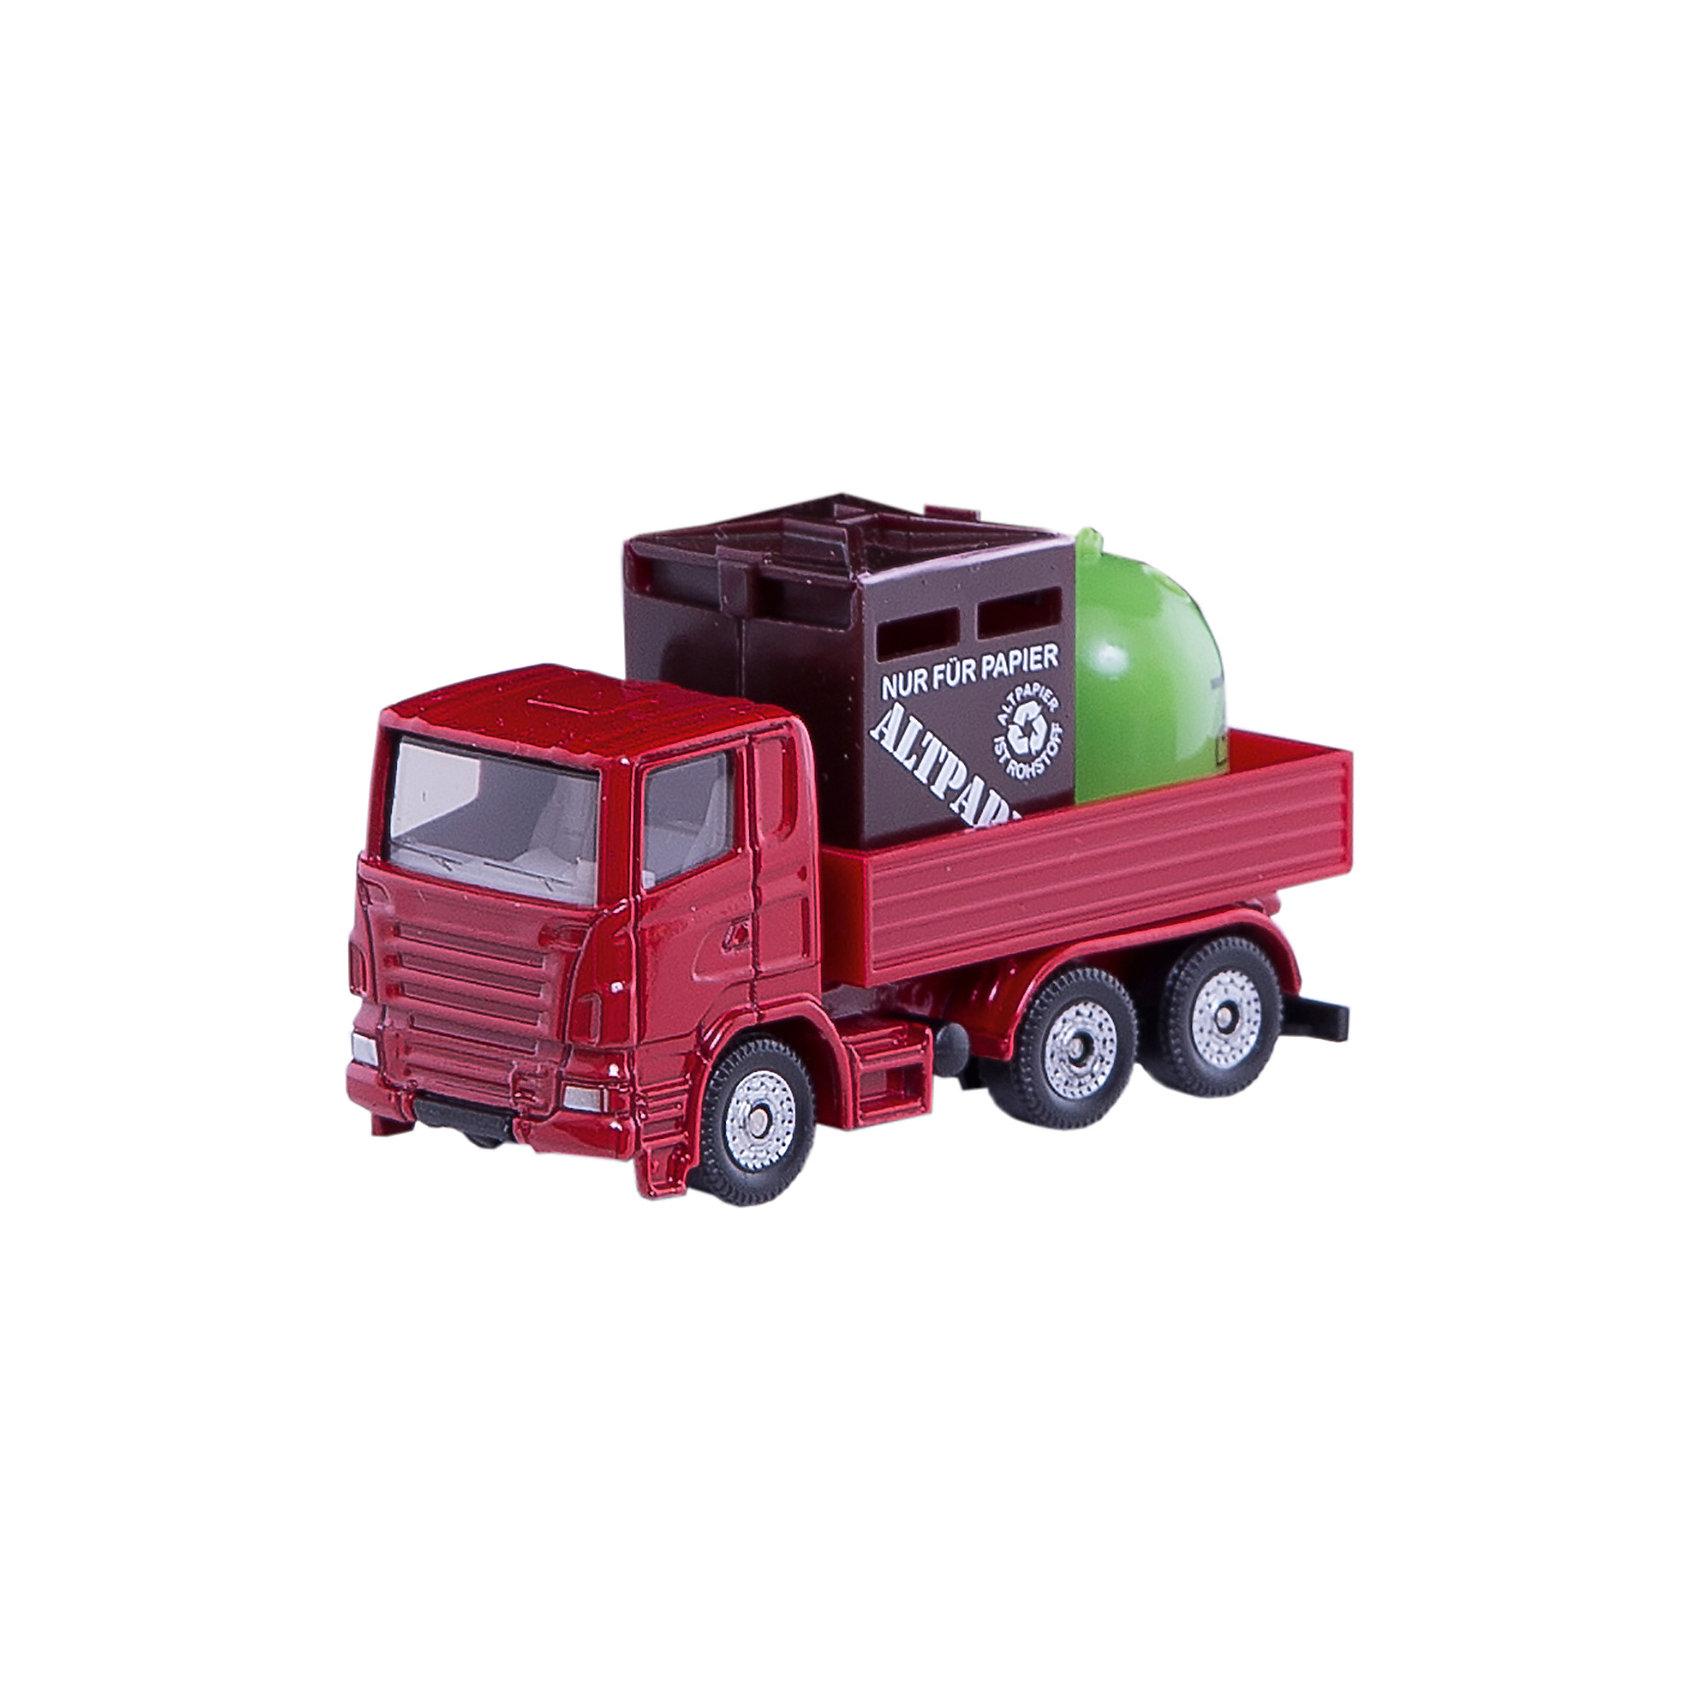 SIKU 0828 Грузовик с мусорными контейнерамиМашинки<br>SIKU (СИКУ) 0828 Грузовик с мусорными контейнерами<br><br>Кабина и шасси выполнены из металла, лобовое стекло и боковые стёкла из прозрачного пластика, кузов выполнен из пластмассы, кузов не поднимается, колёса вращаются, выполнены из пластика. Мусорные контейнеры выполнены из пластика и вынимаются из кузова.<br><br>Дополнительная информация:<br>-Размер игрушки: 7,5 x 3,0 x 4,3 см<br>-Материал: металл с элементами пластмассы<br>-Масштаб 1:50<br><br>С коллекцией моделей грузовиков и тяжелой техники от SIKU (СИКУ) вы сможете создать собственный уникальный автопарк.<br><br>SIKU (СИКУ) 0828 Грузовик с мусорными контейнерами можно купить в нашем магазине.<br><br>Ширина мм: 96<br>Глубина мм: 76<br>Высота мм: 30<br>Вес г: 57<br>Возраст от месяцев: 36<br>Возраст до месяцев: 96<br>Пол: Мужской<br>Возраст: Детский<br>SKU: 1503769